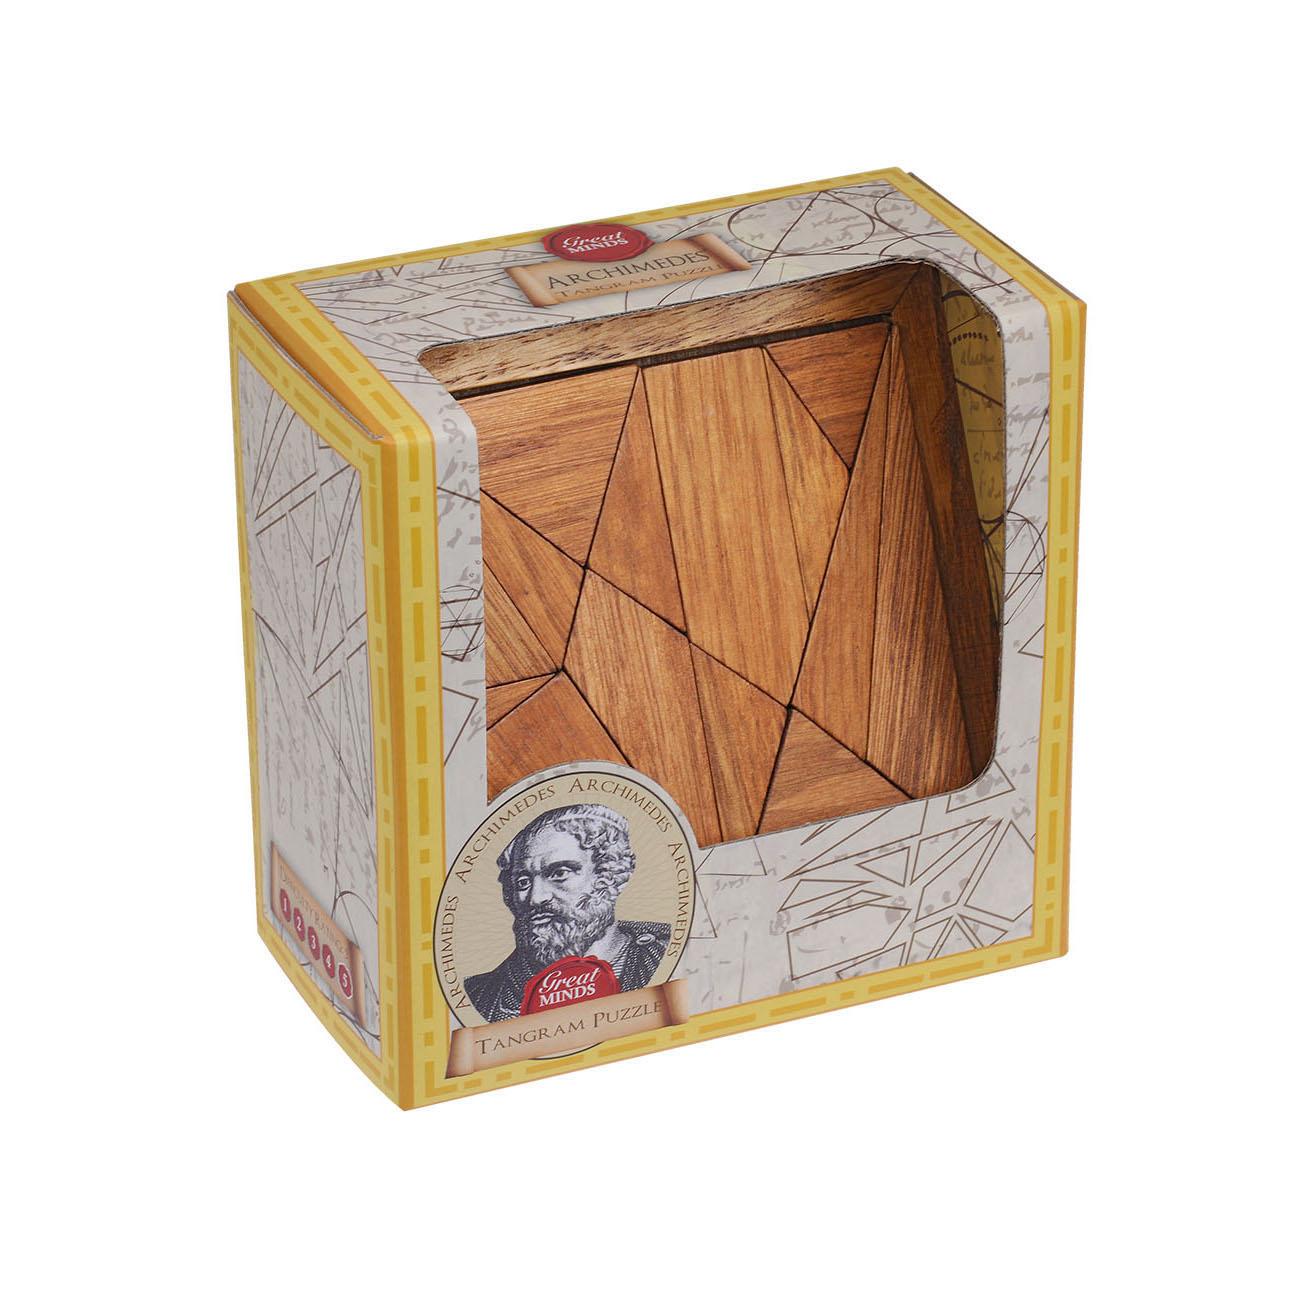 Great Minds: Pythagoras' Tangram Puzzle